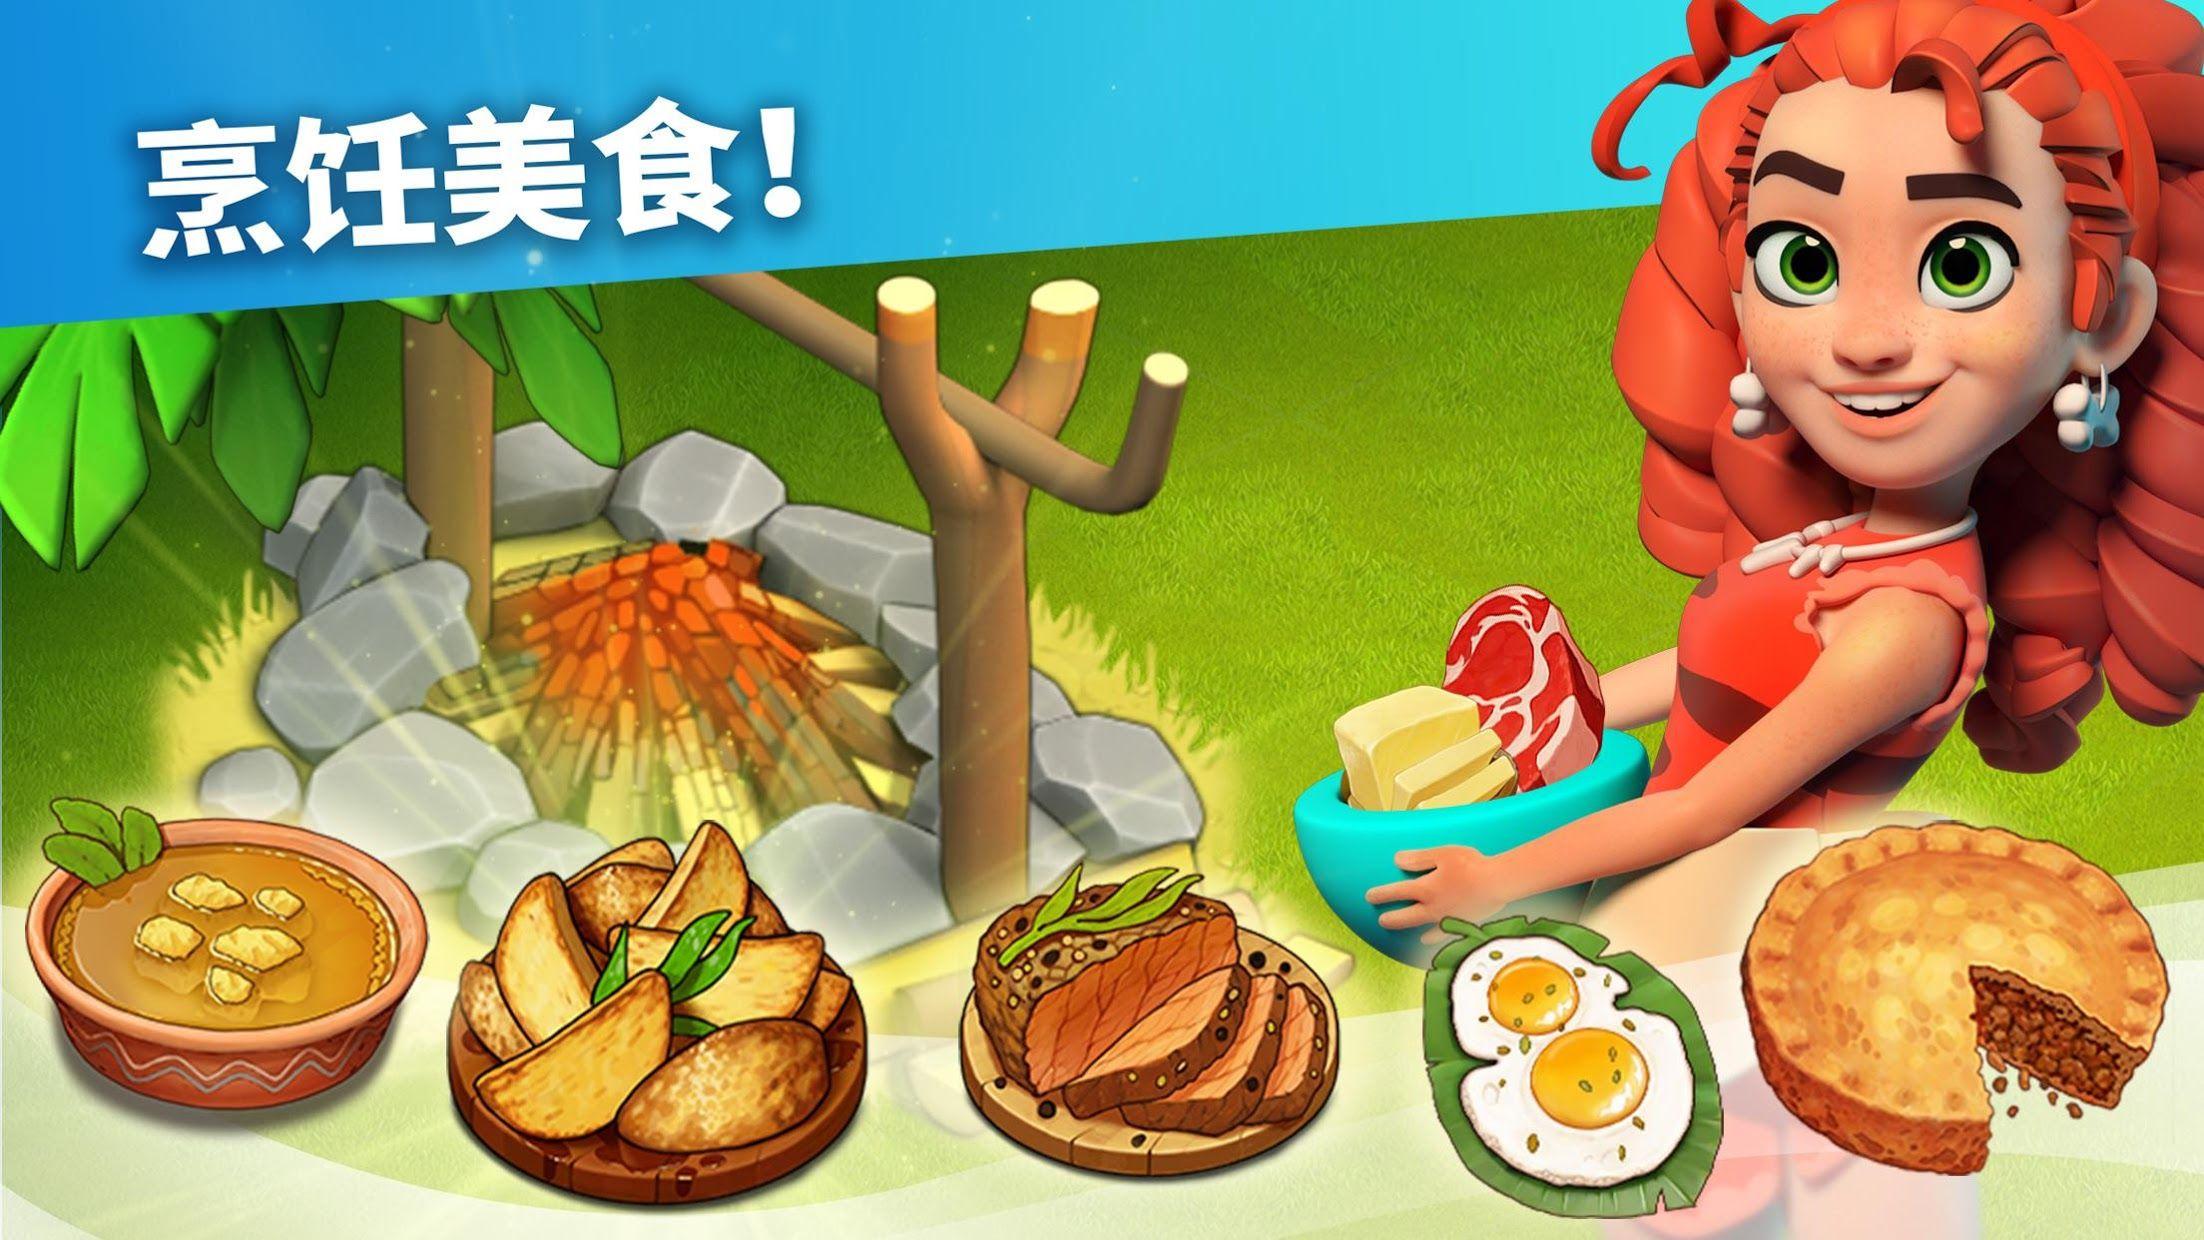 家庭岛 - 农场游戏 游戏截图2